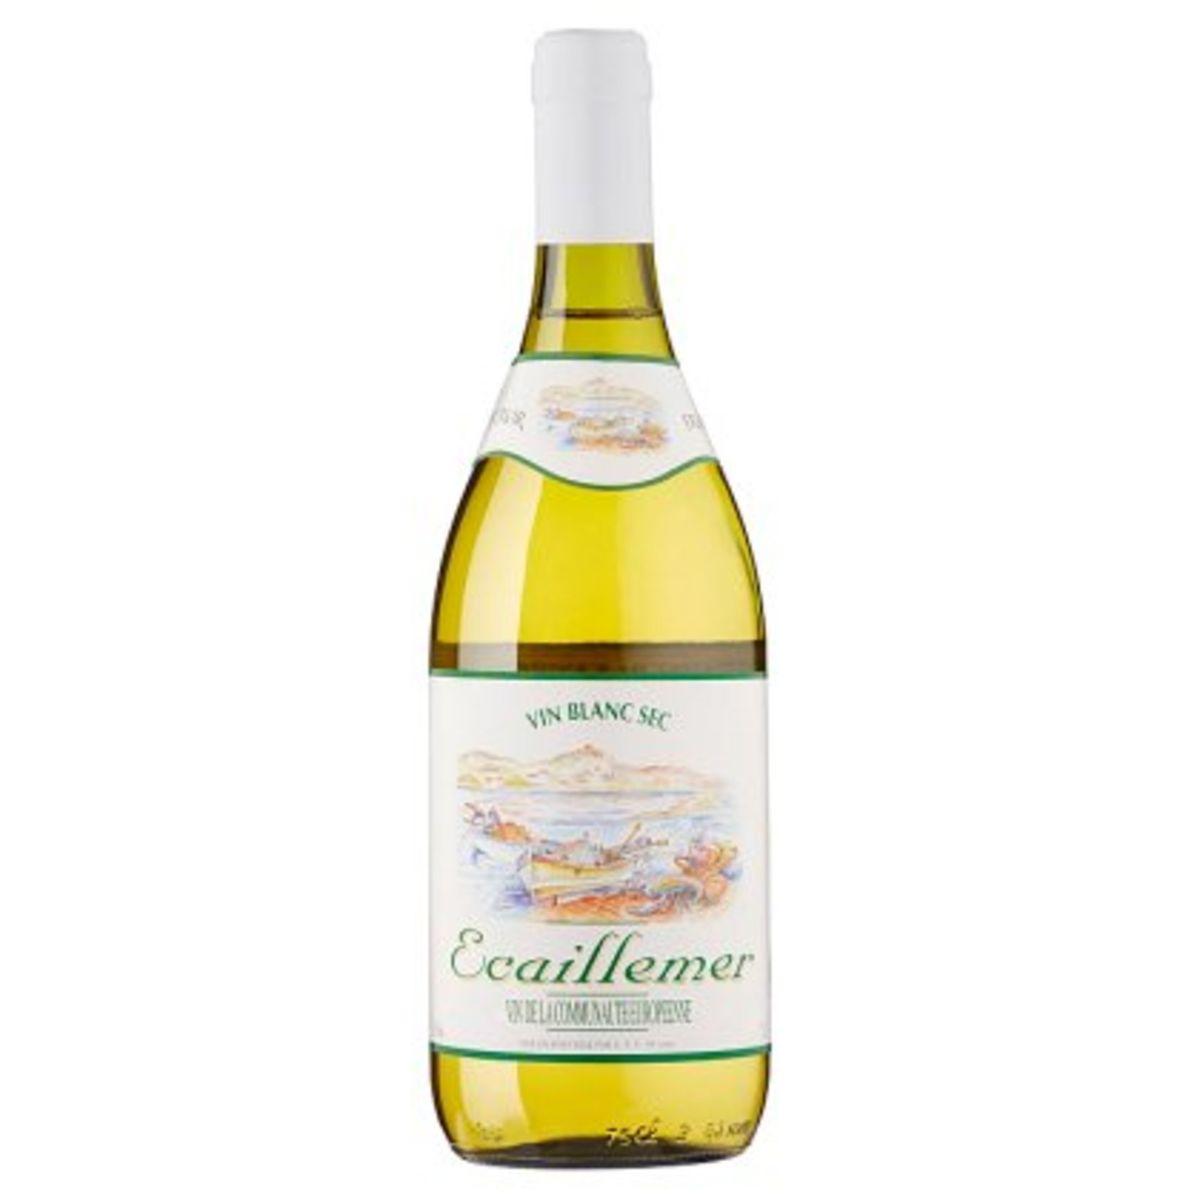 Ecaillemer vin blanc sec de la communaute europeenne 75 cl